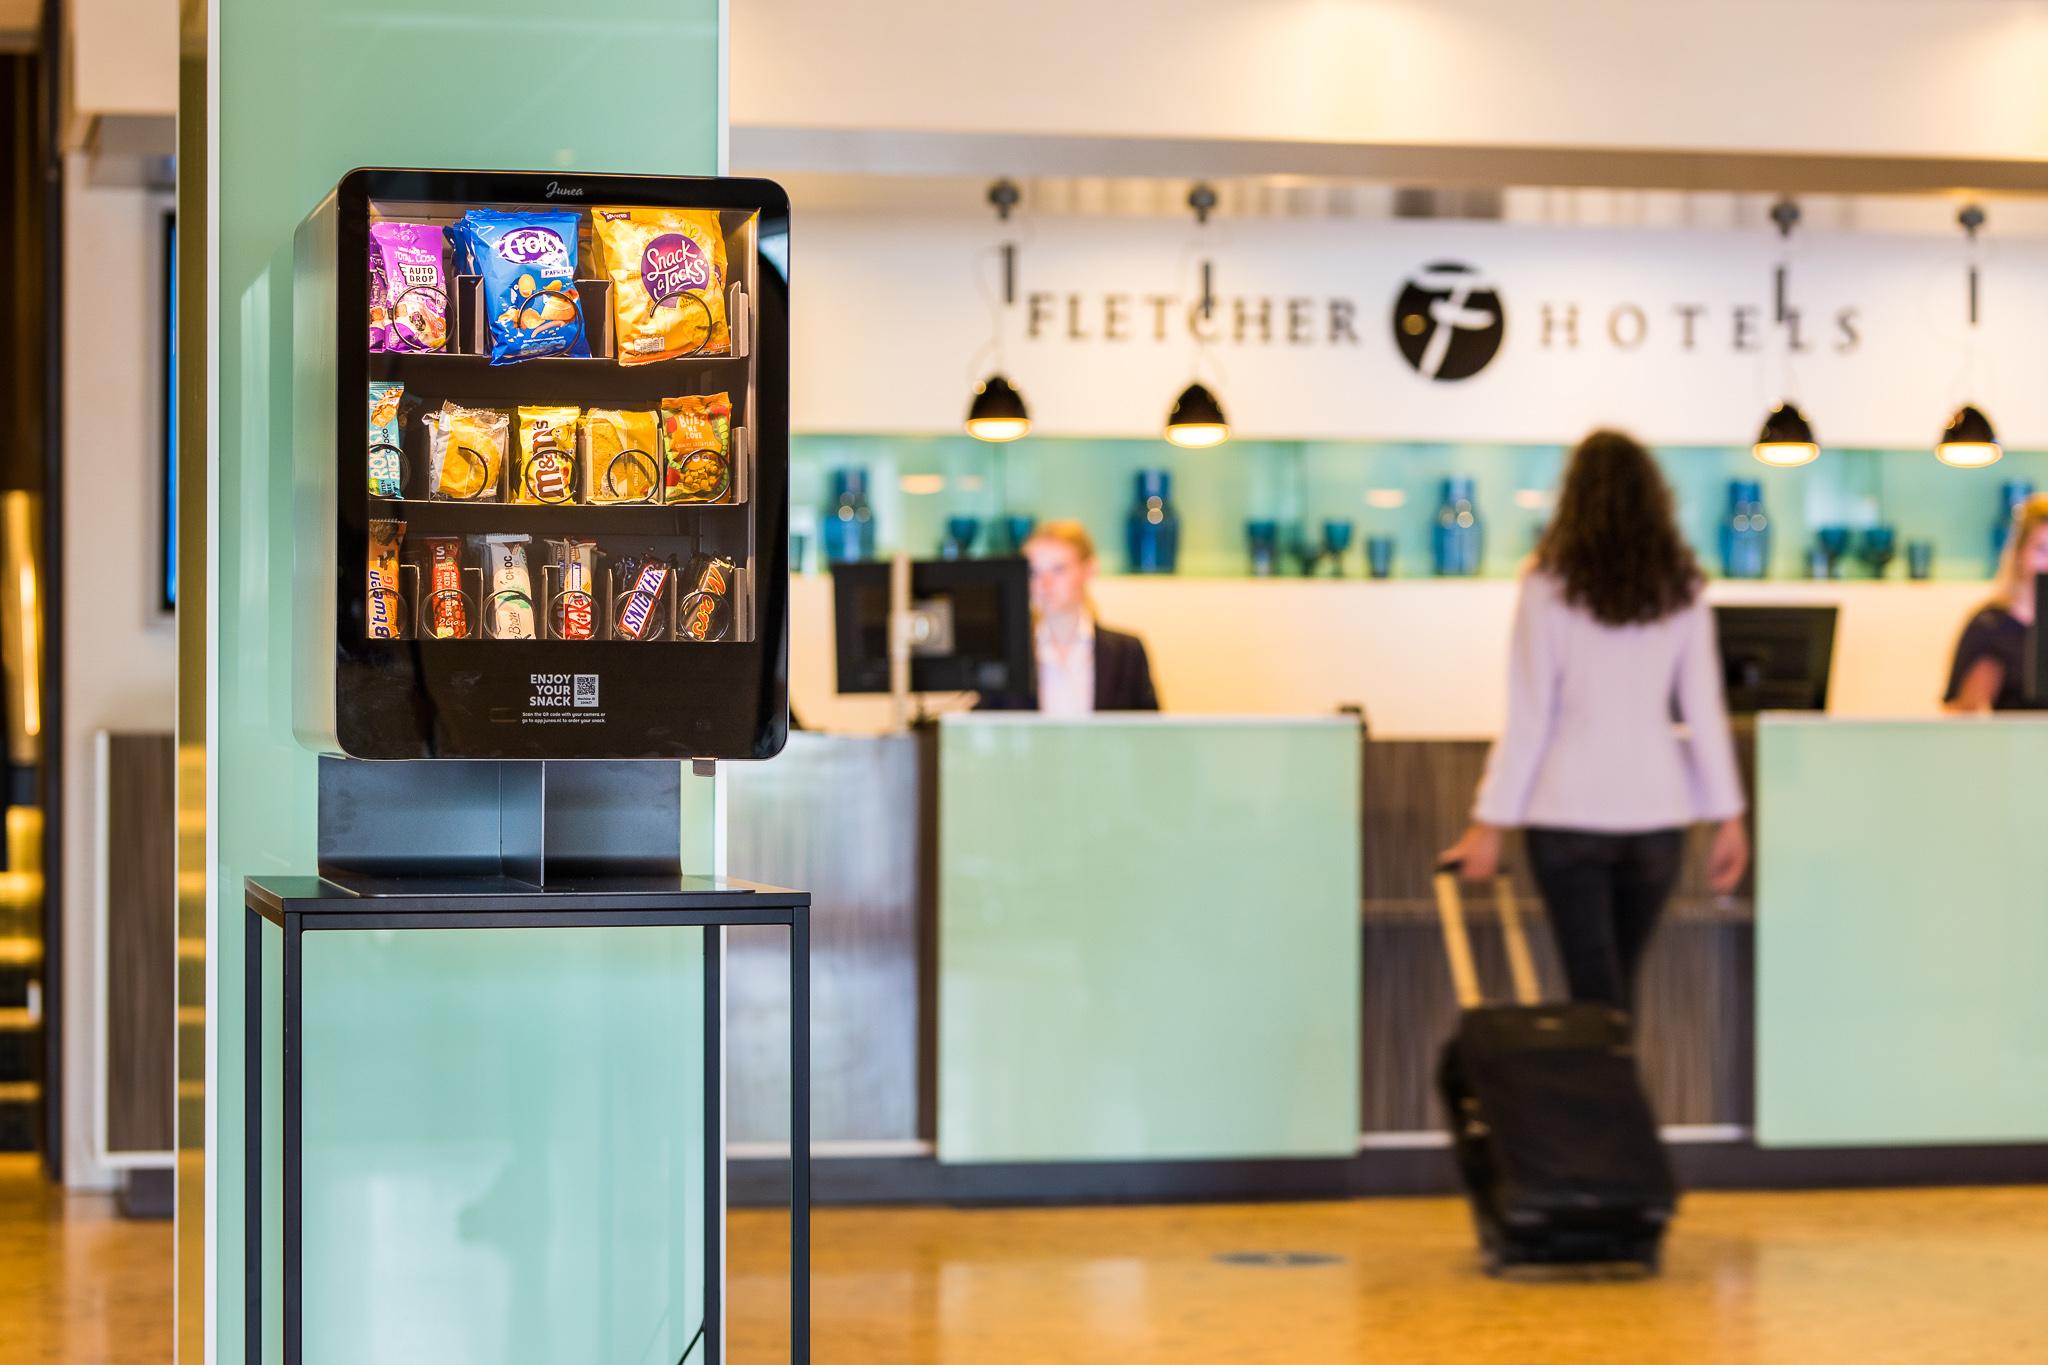 Fletcher Hotels breidt catering uit met selfservice automaten van Junea